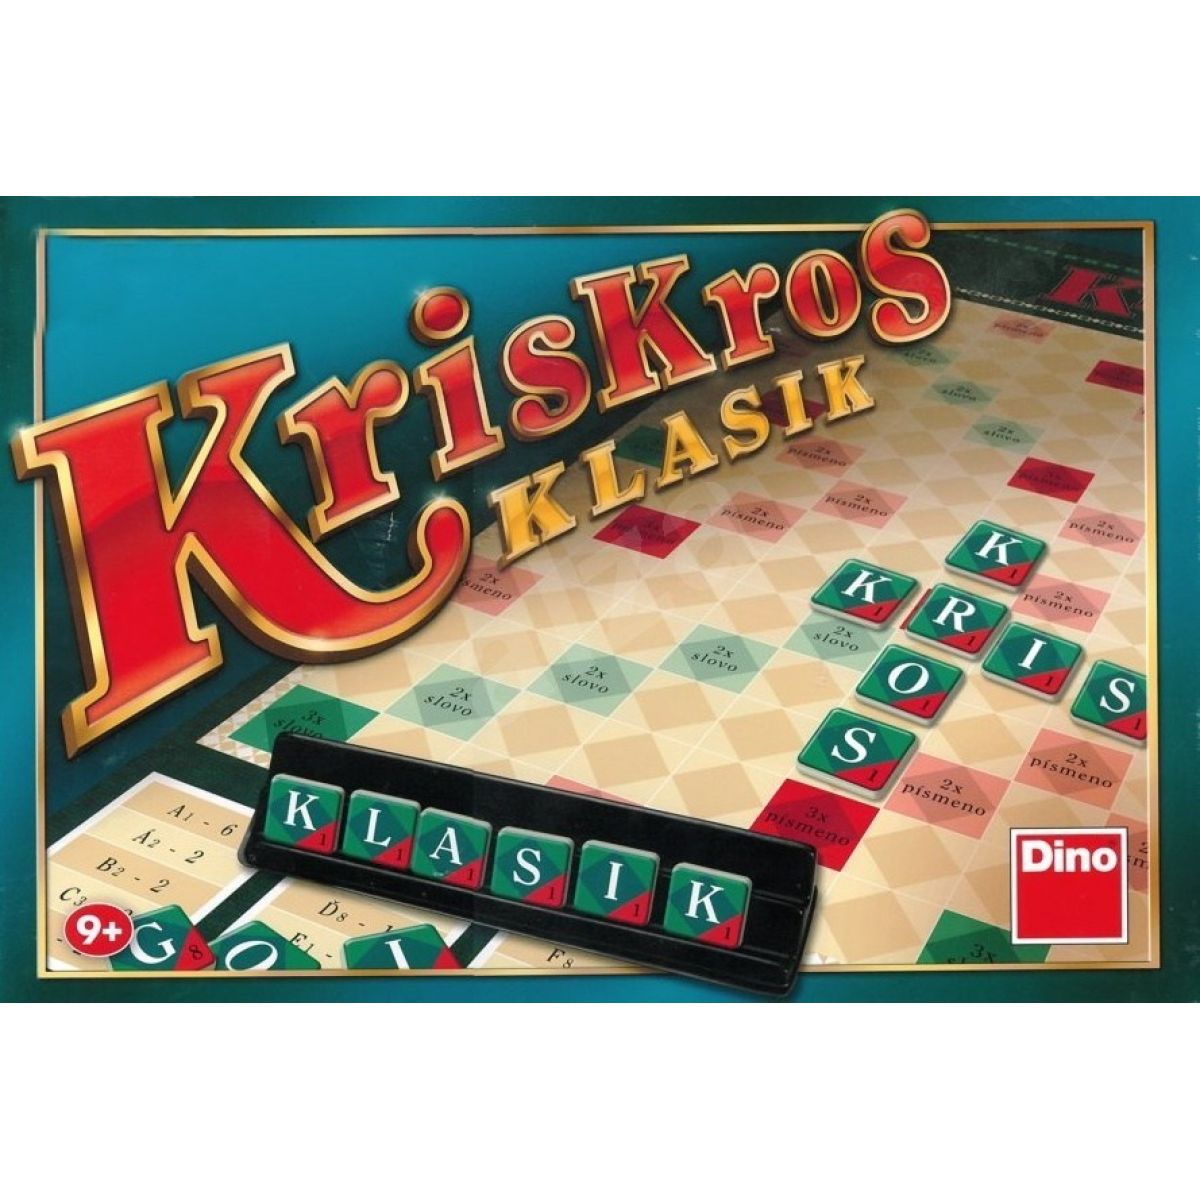 Dino Kris Kros Klasik SK